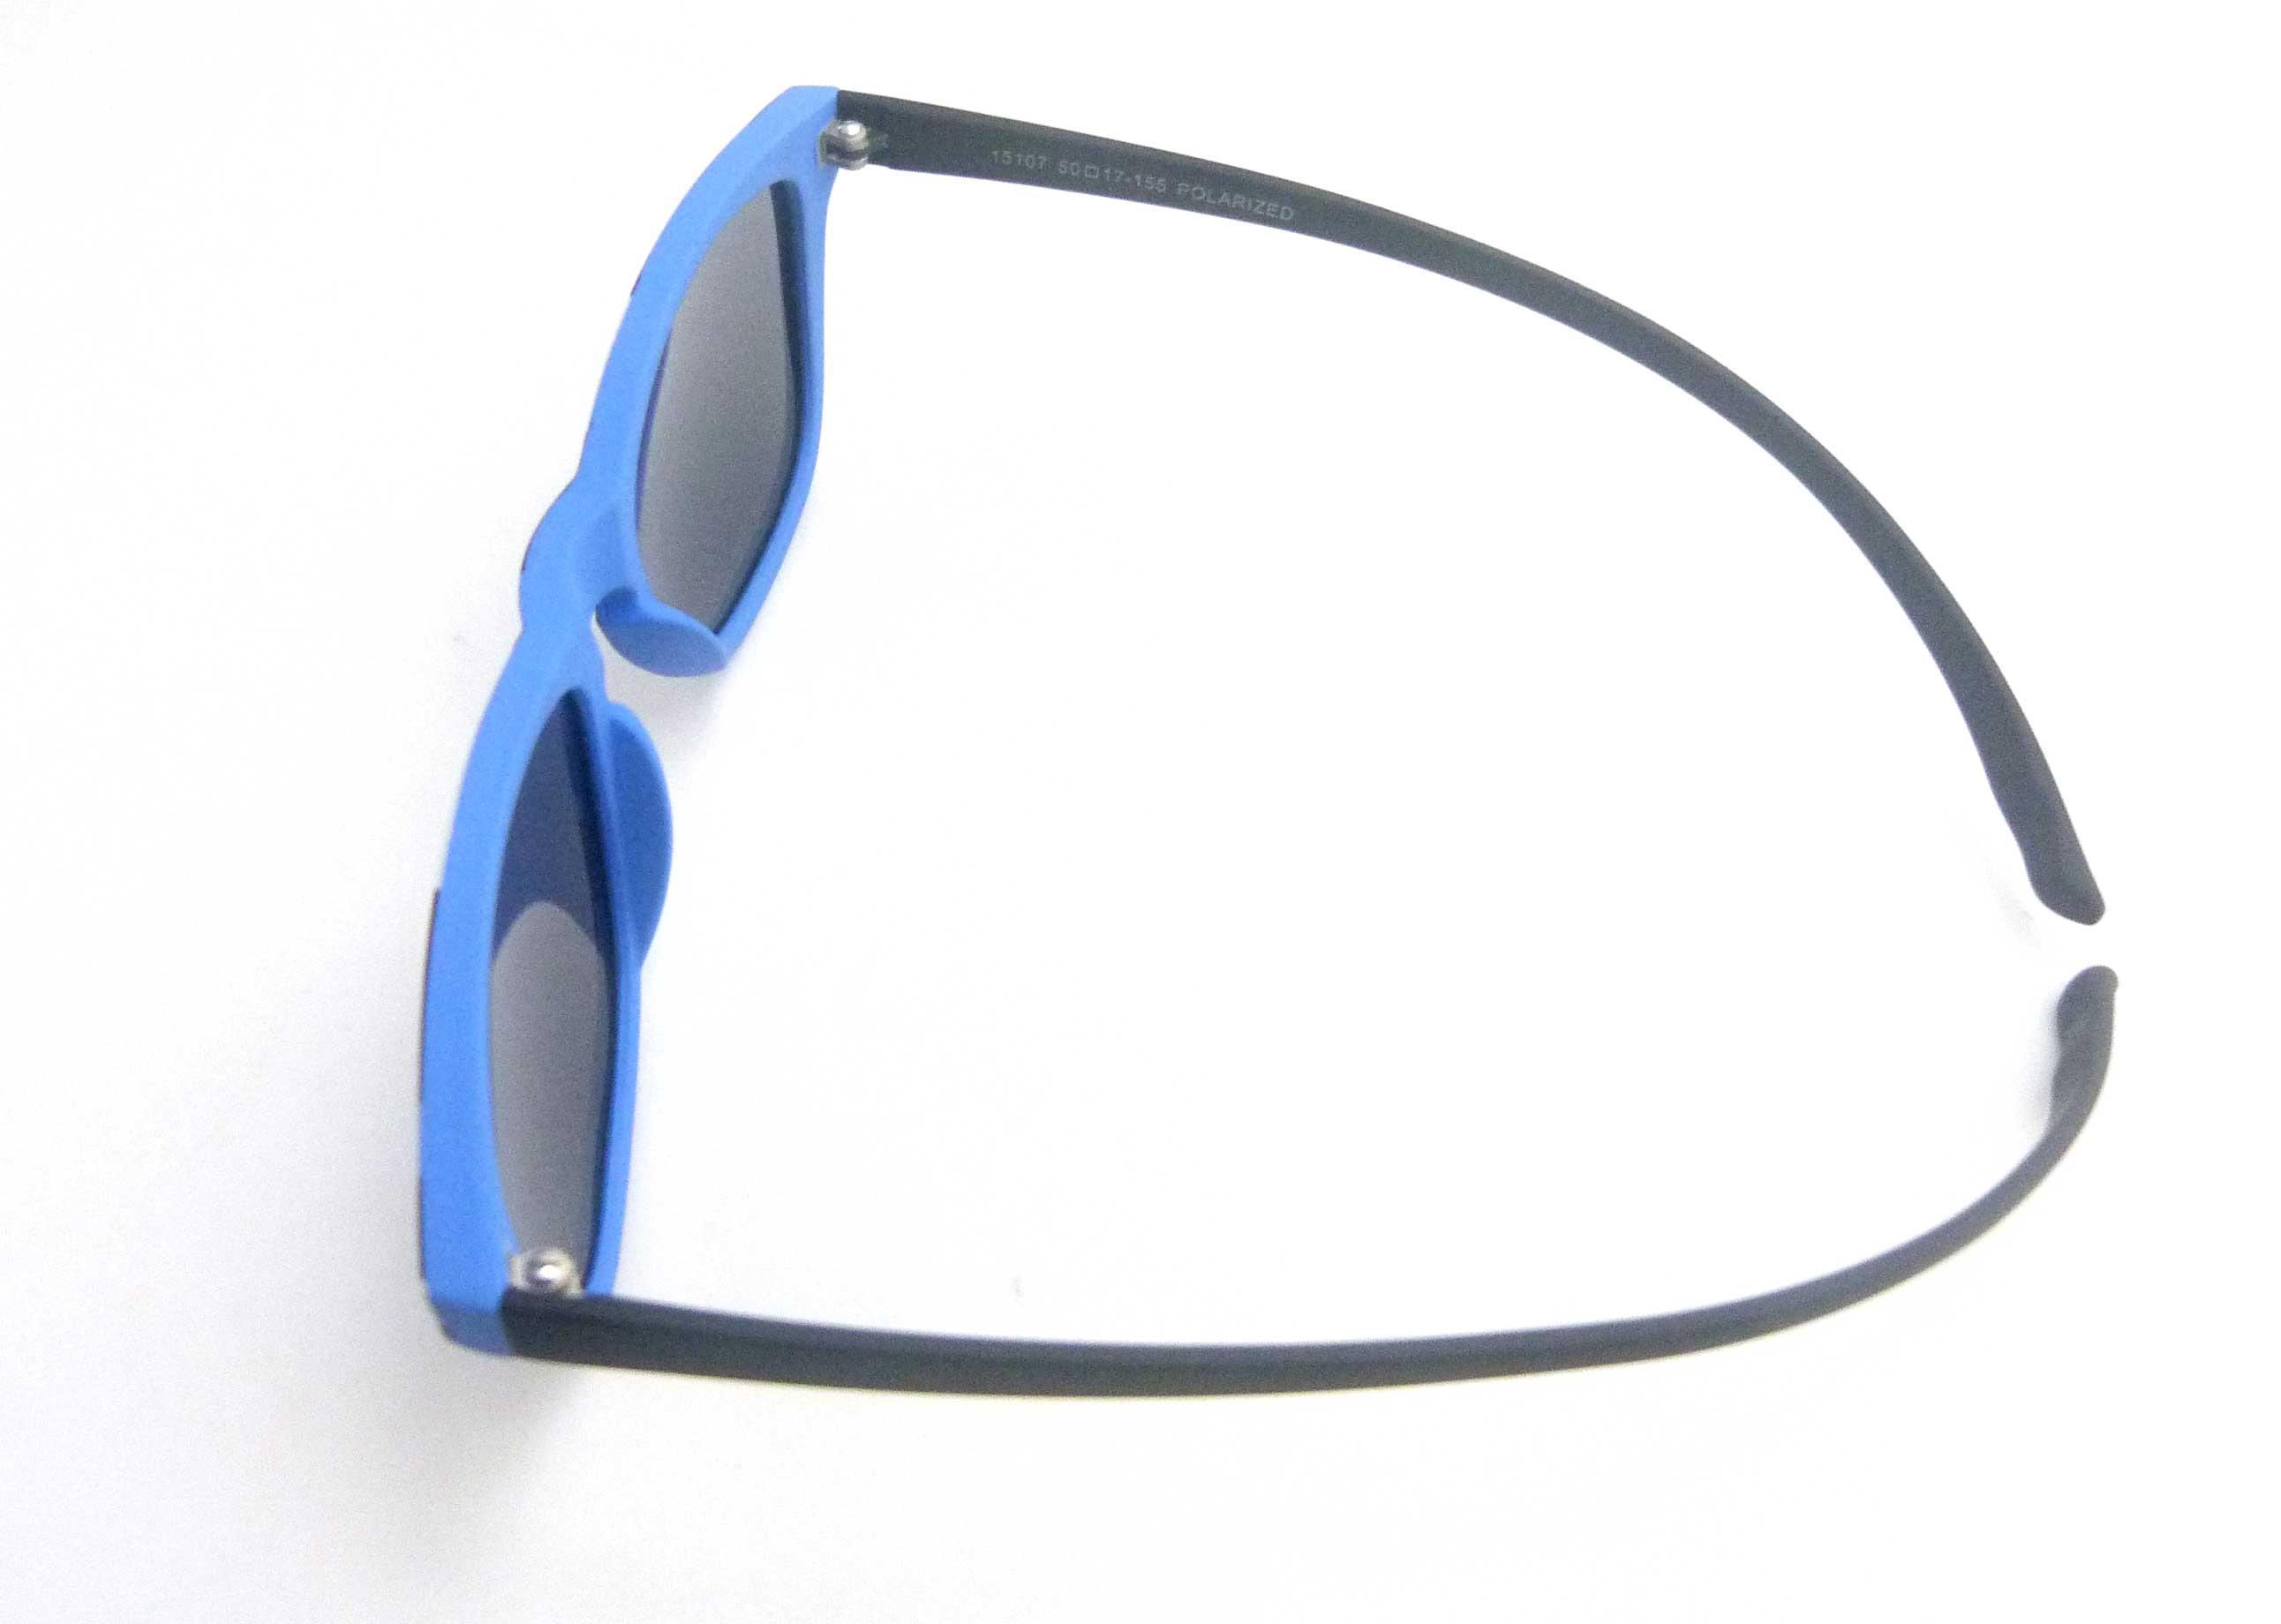 0215107 - Óculos-Solar CS Koala Camuflado 50x17 Azul Mod 15107 FLAG 9 - Contém 1 Peça